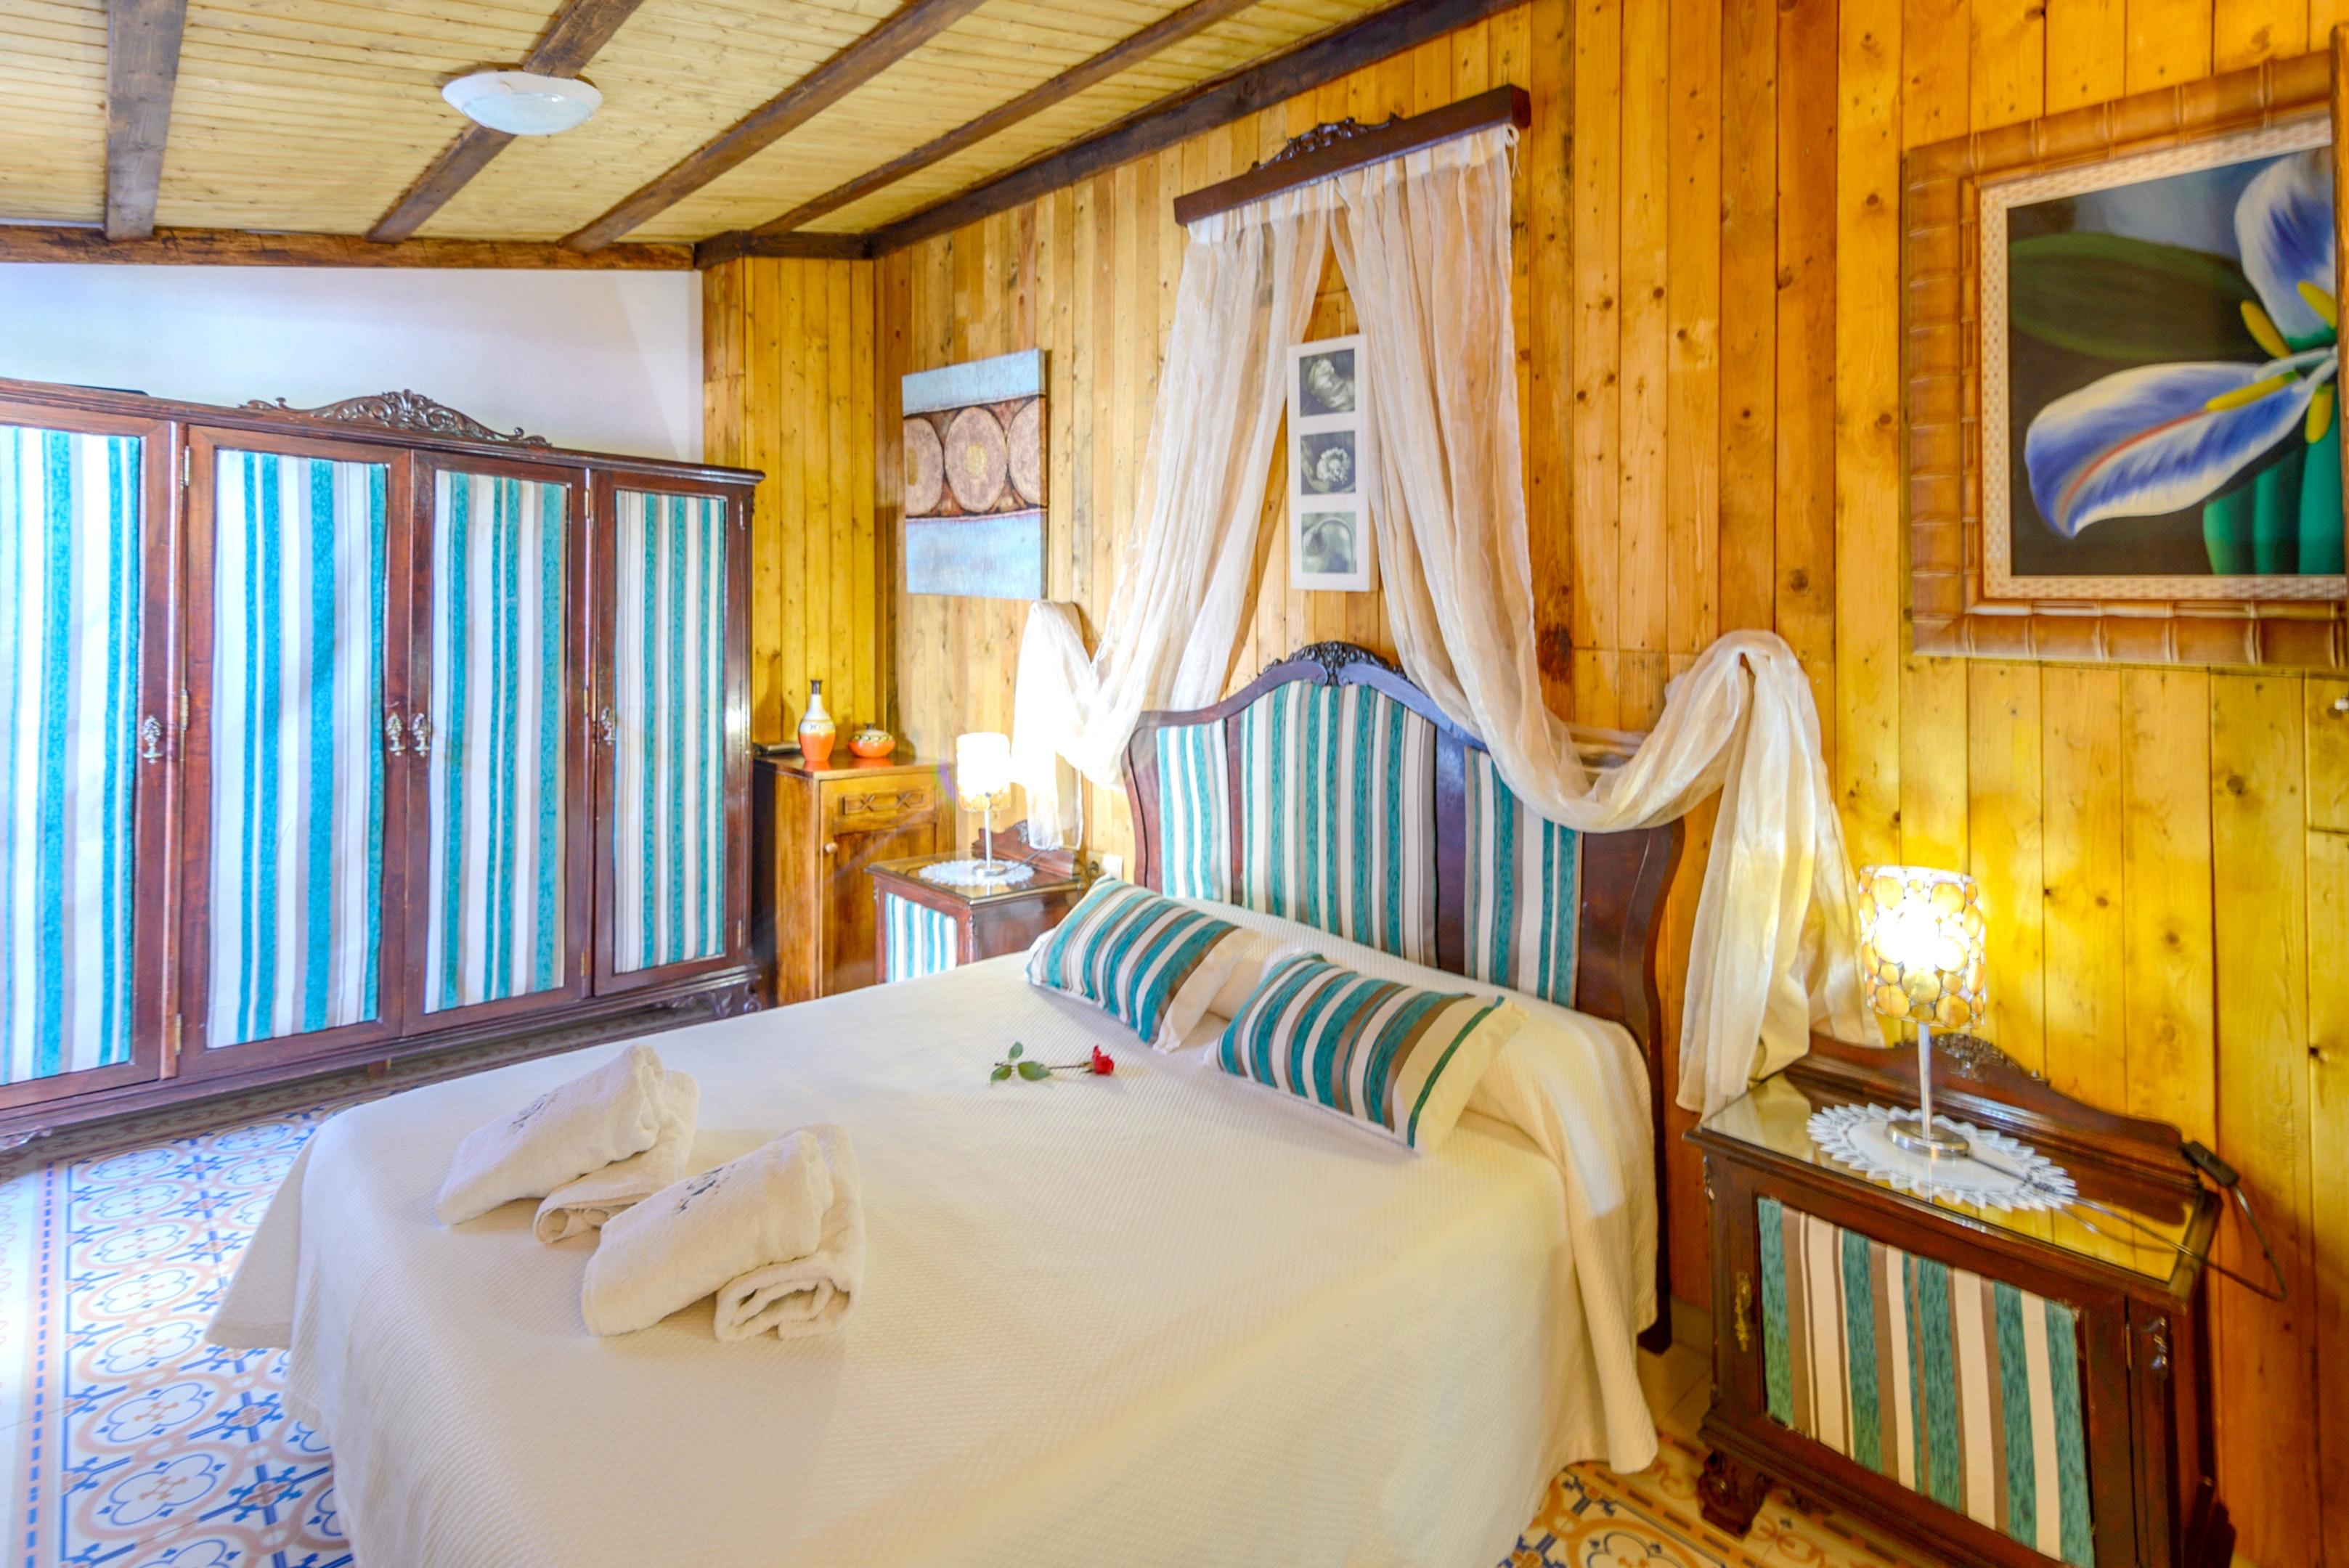 Ferienhaus Villa mit 3 Schlafzimmern in Peñaflor mit privatem Pool, eingezäuntem Garten und W-LAN (2208249), Peñaflor, Sevilla, Andalusien, Spanien, Bild 54